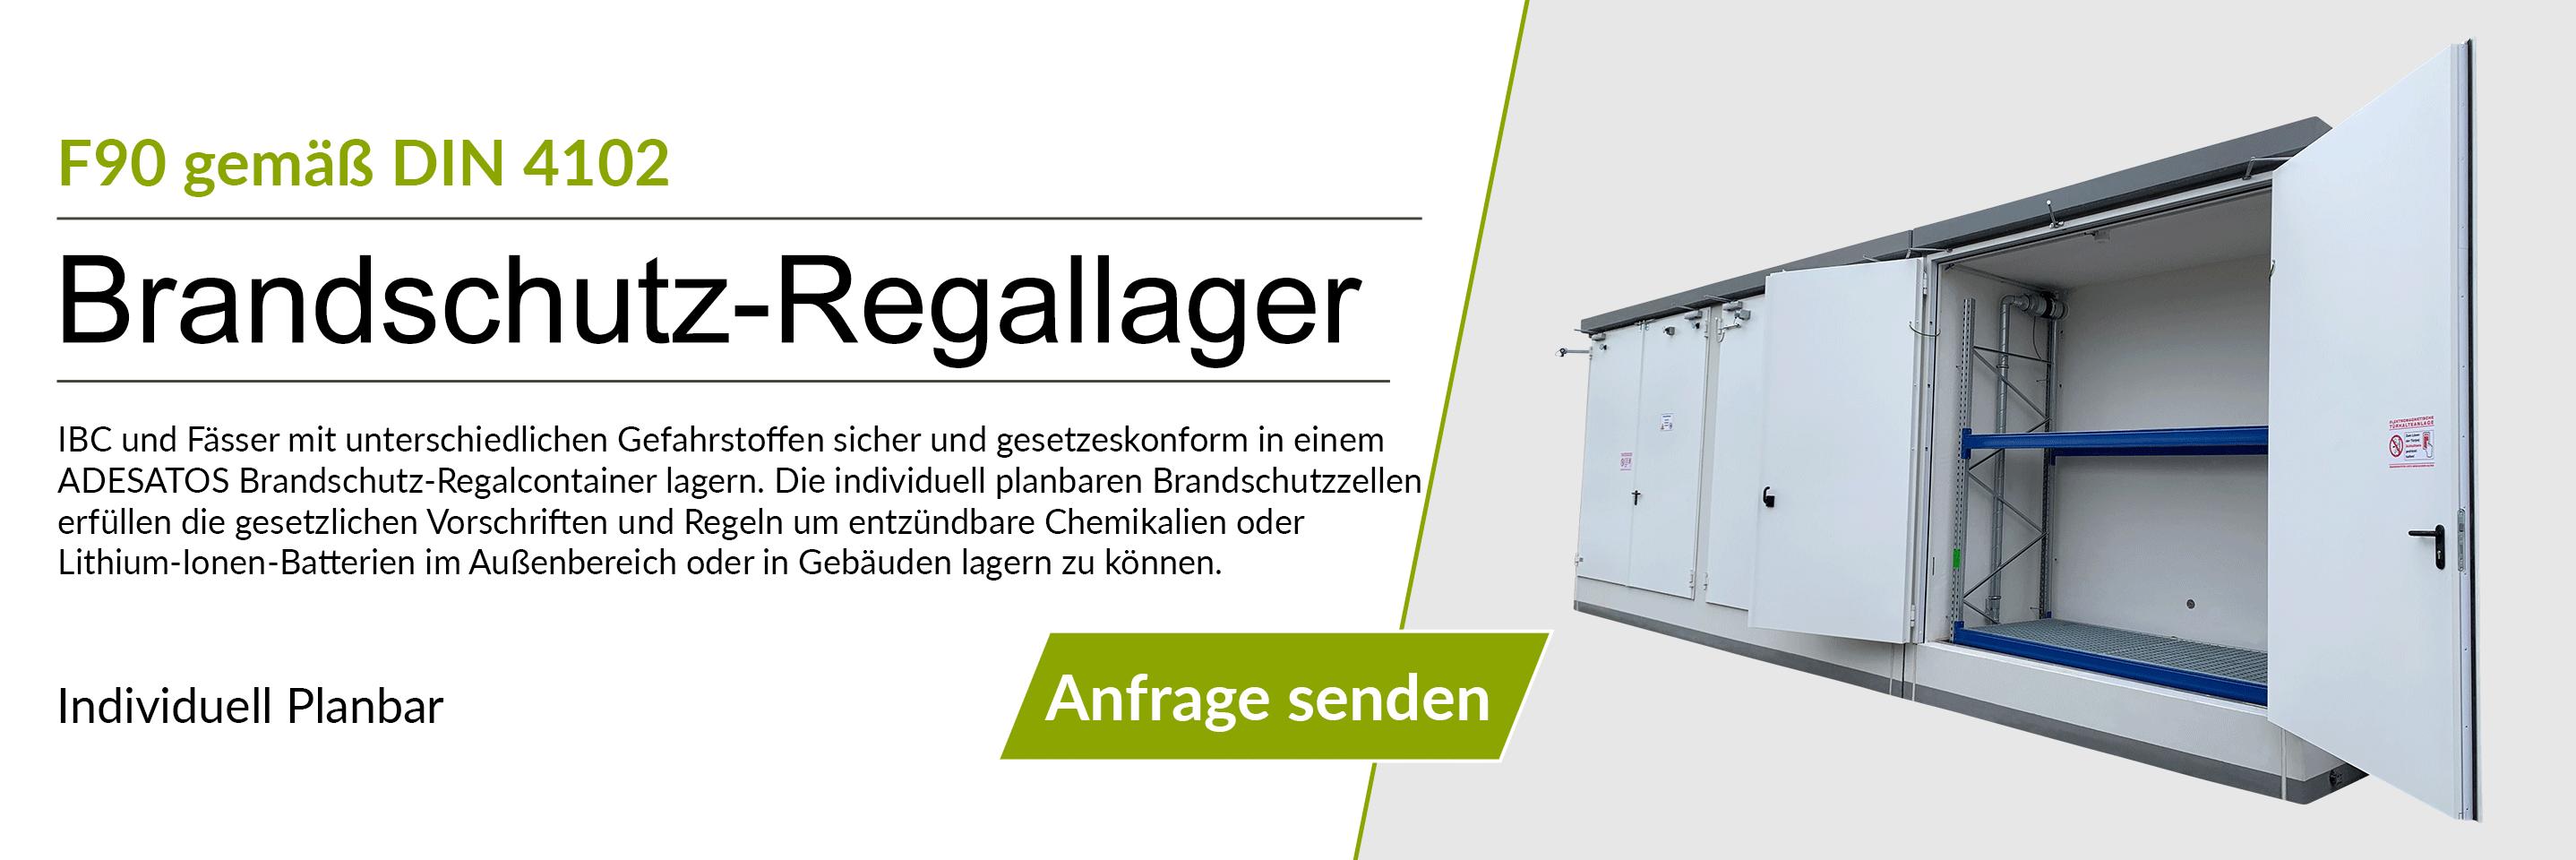 F90 Regal-Brandschutzcontainer auch für Lithium-Ionen-Batterien